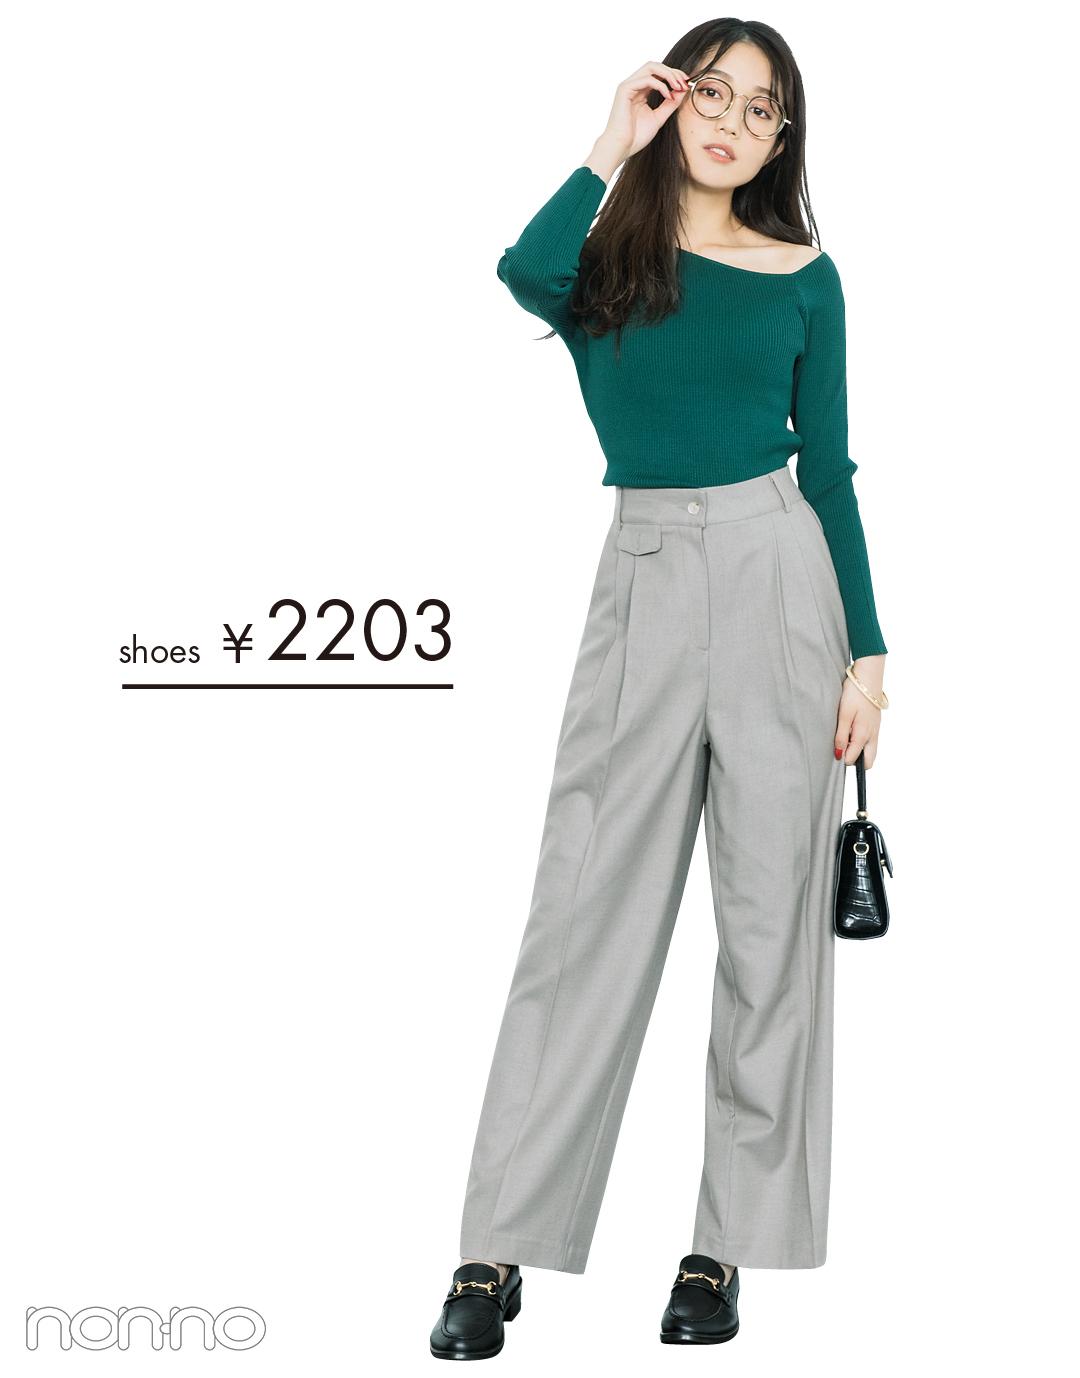 shoes ¥2203